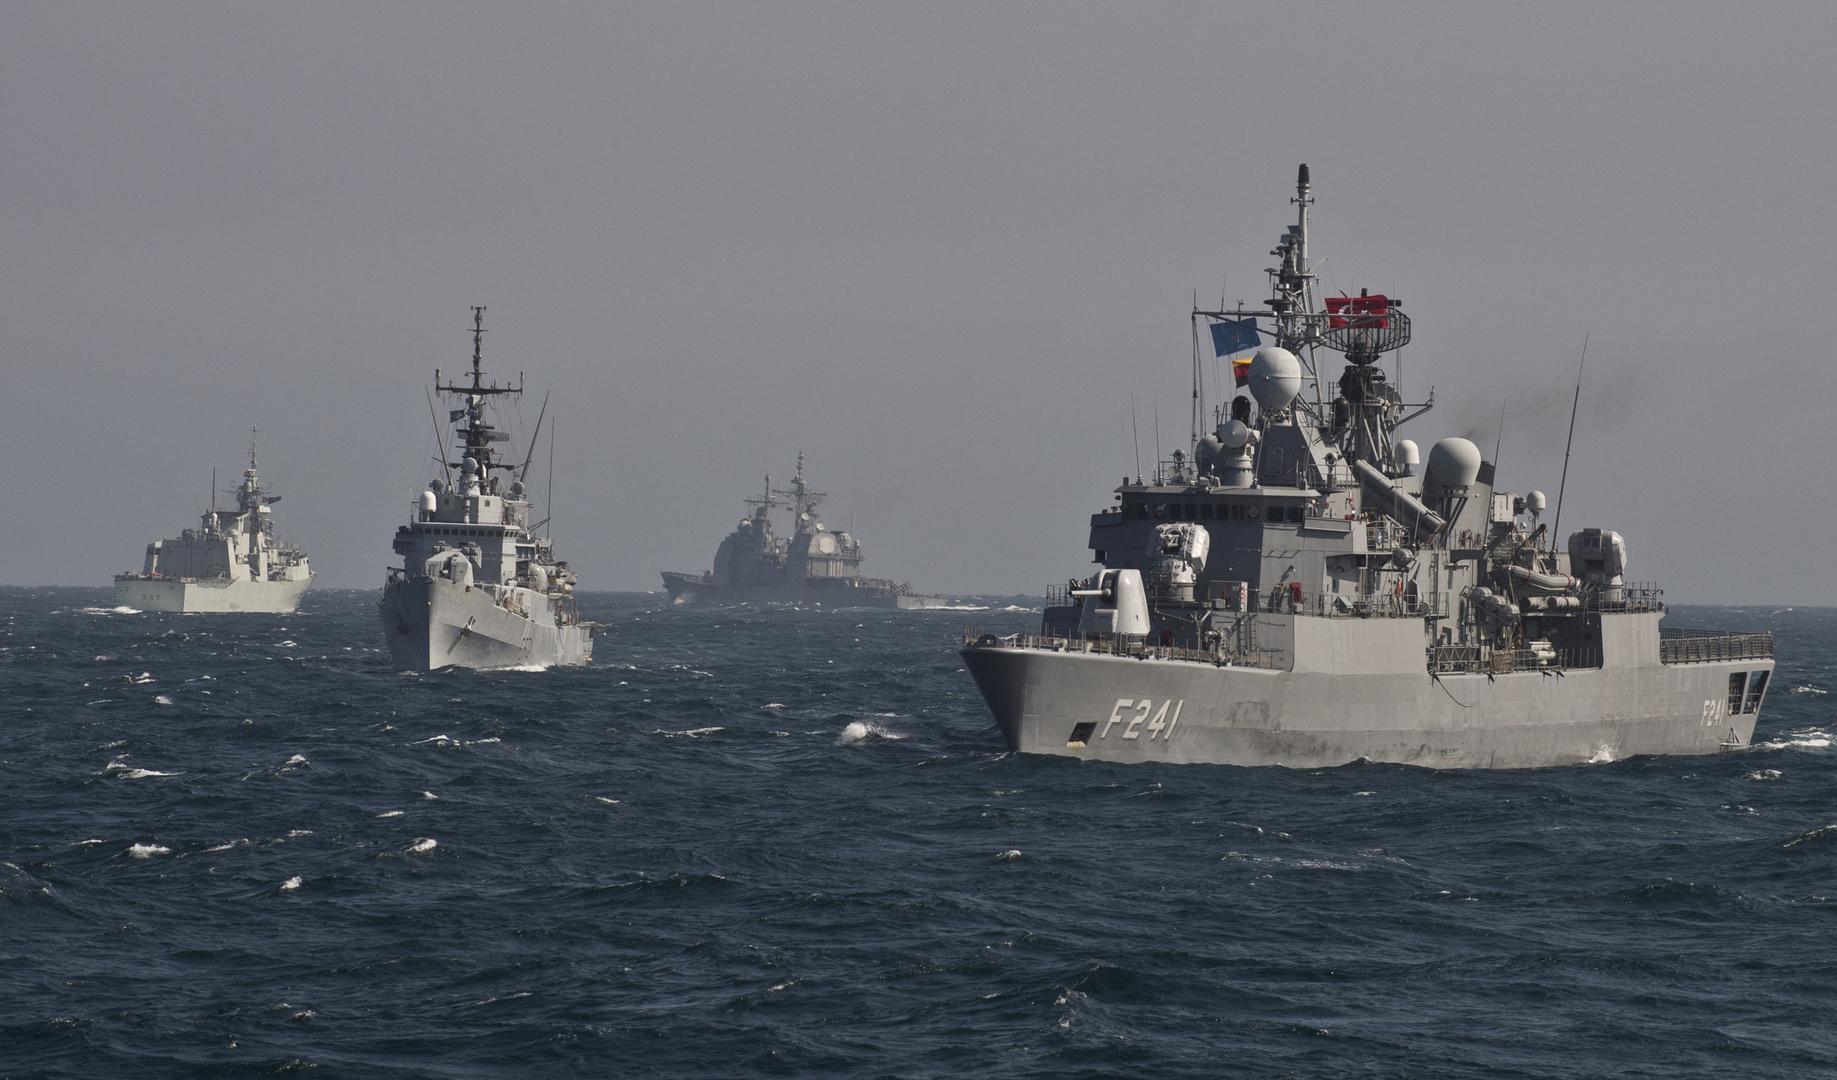 أربع دول عربية تشارك في مناورات بحرية ضخمة مثيرة للجدل في البحر الأسود